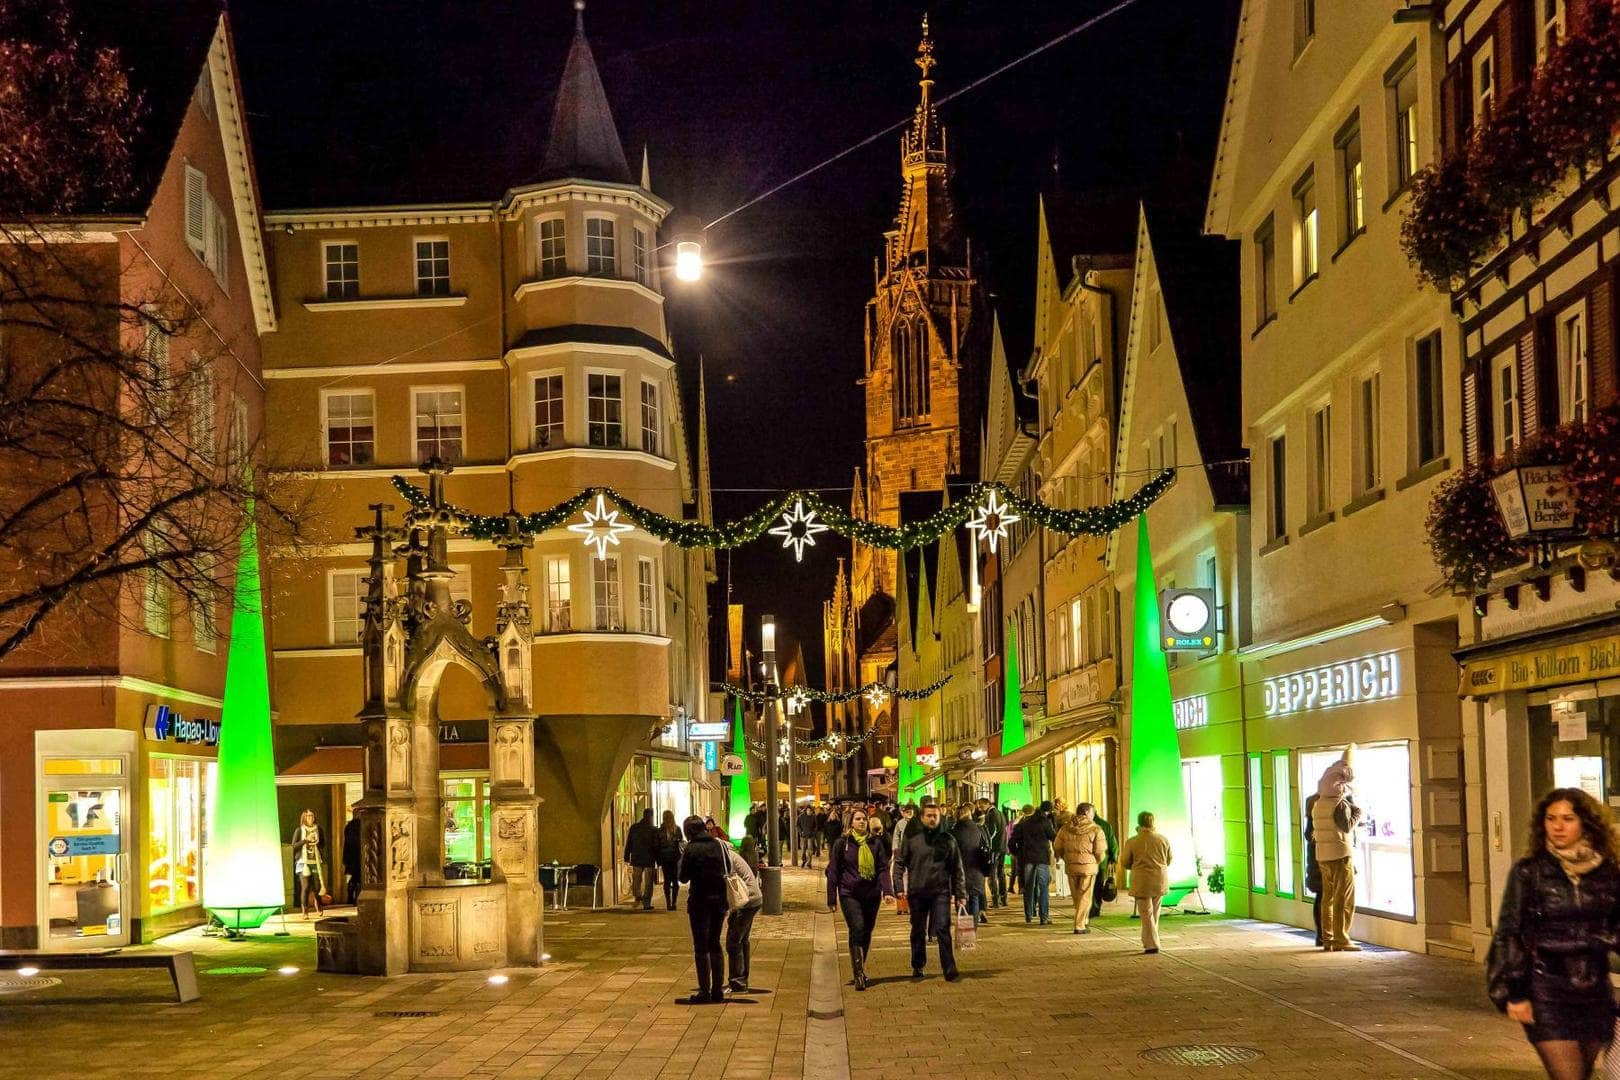 Lichterzauber in Reutlingen